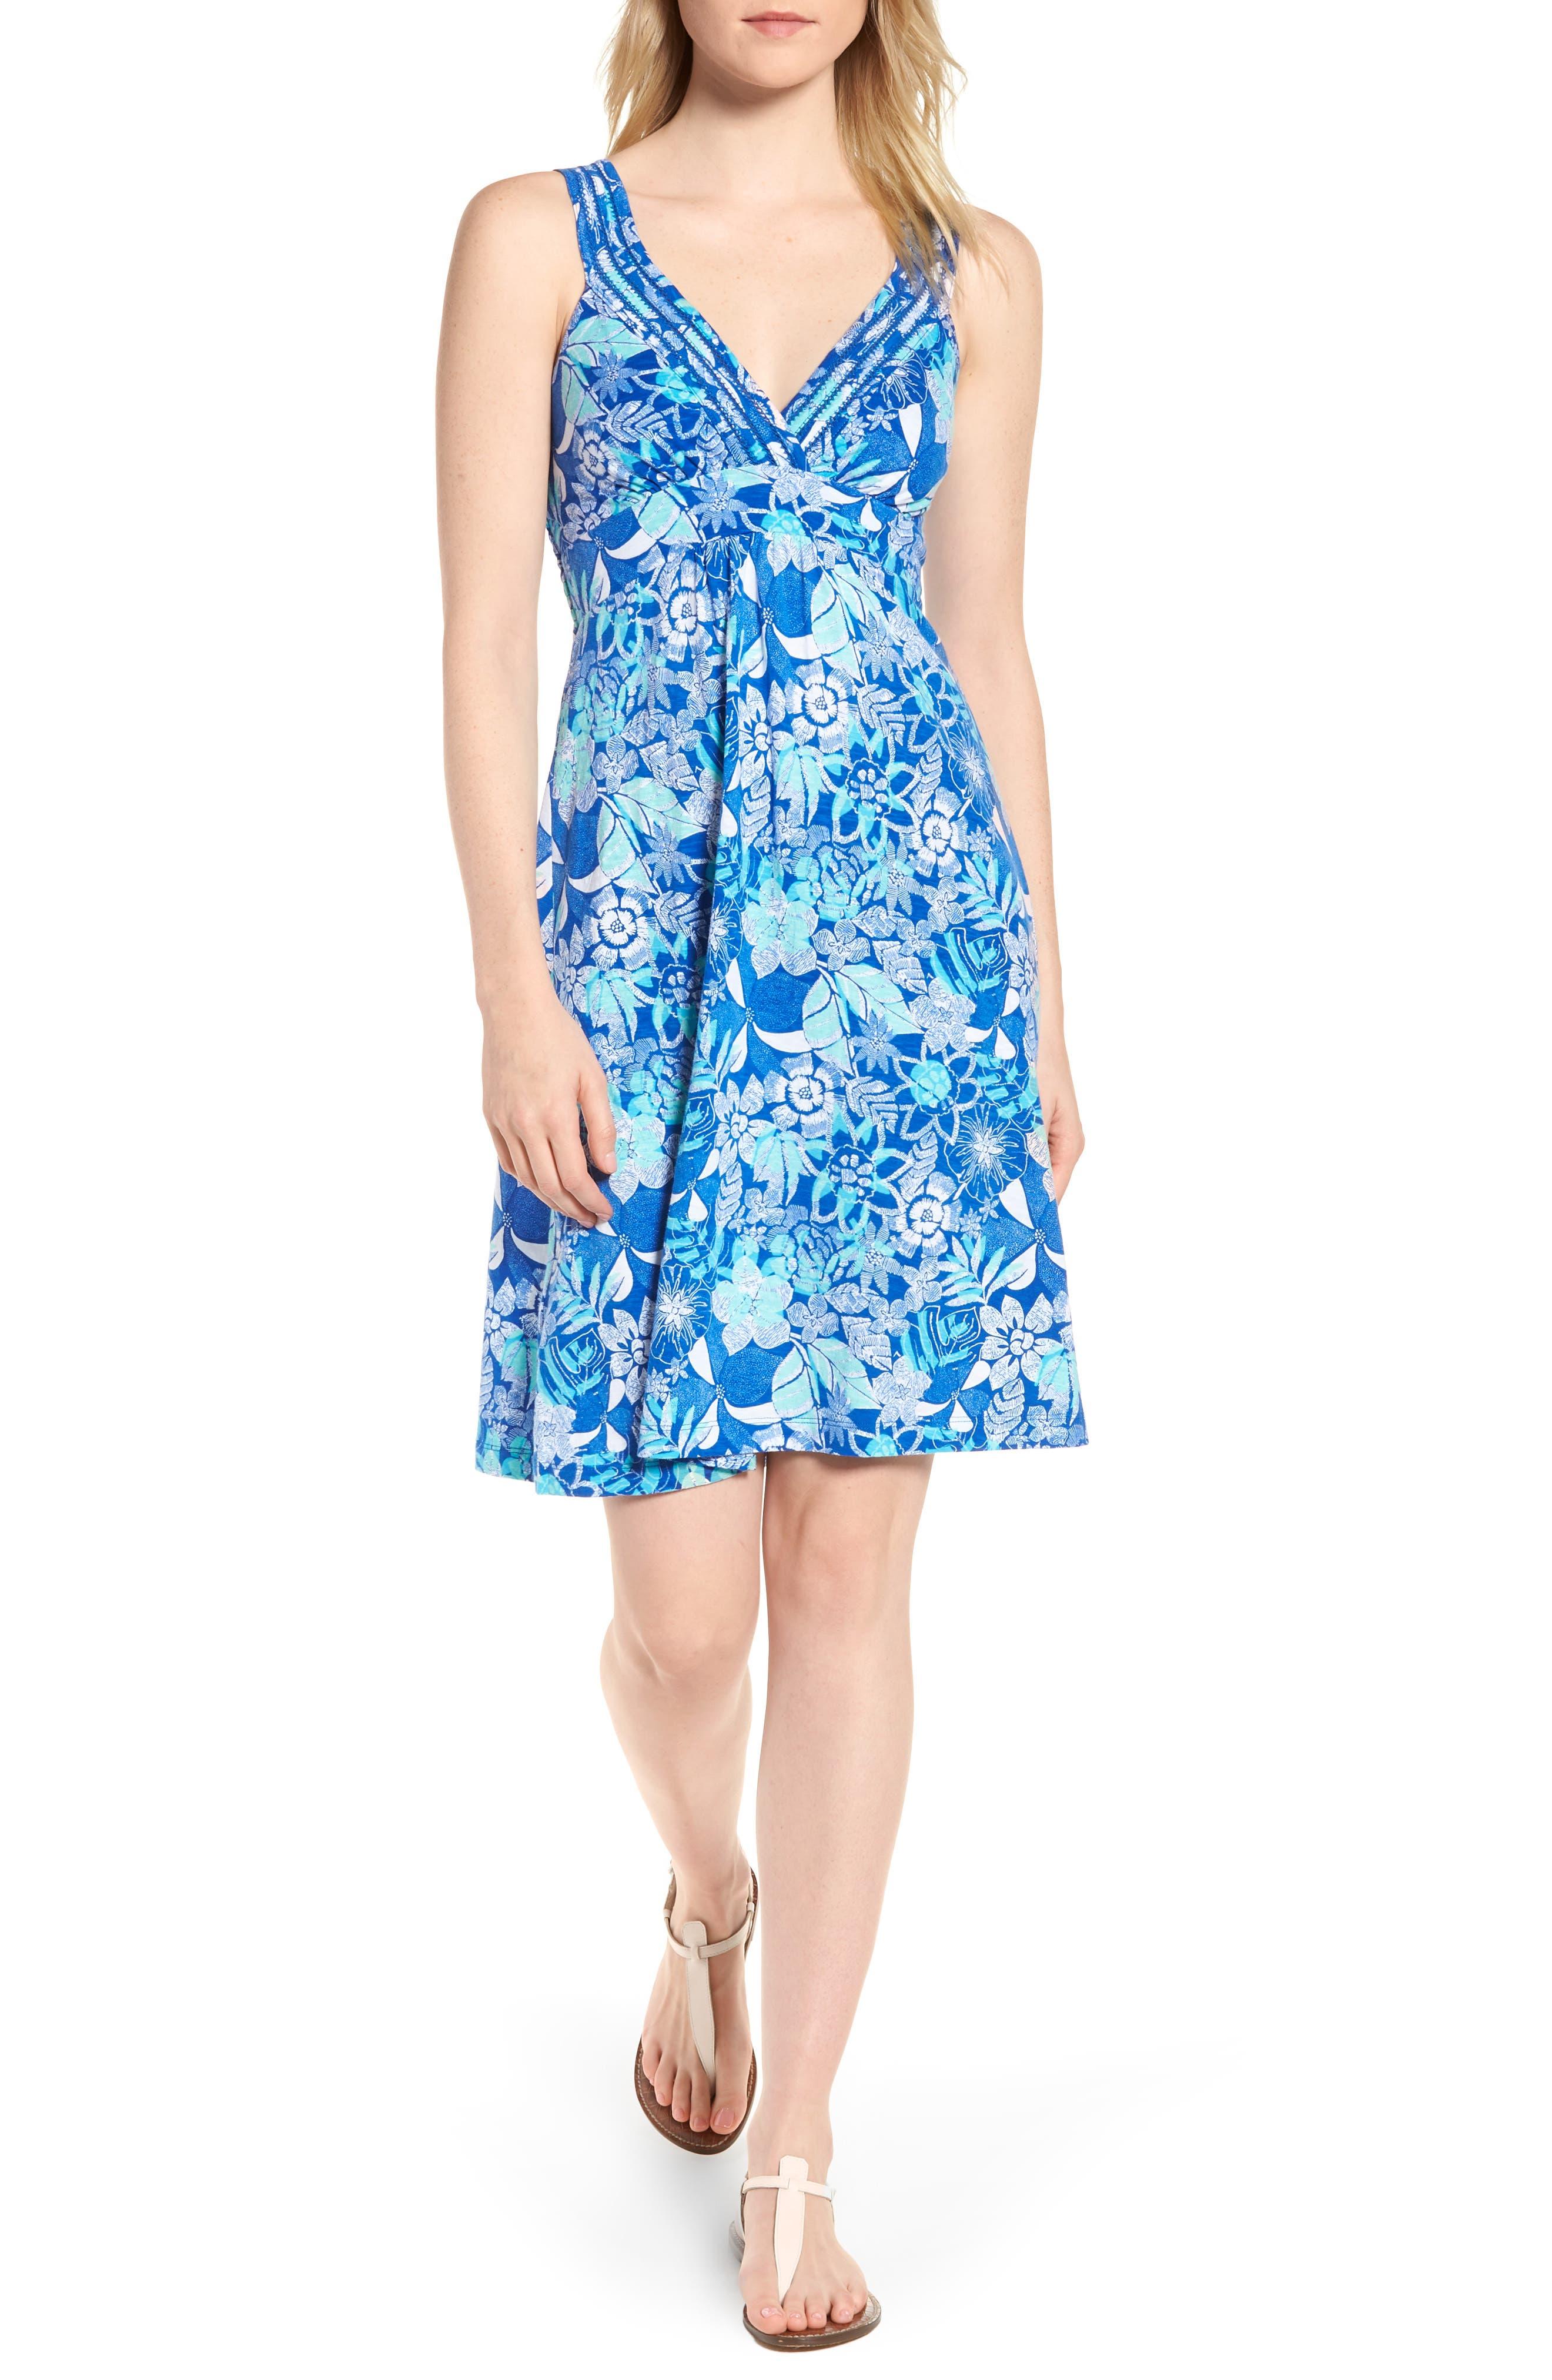 Tommy Bahama Boardwalk Blooms A-Line Dress